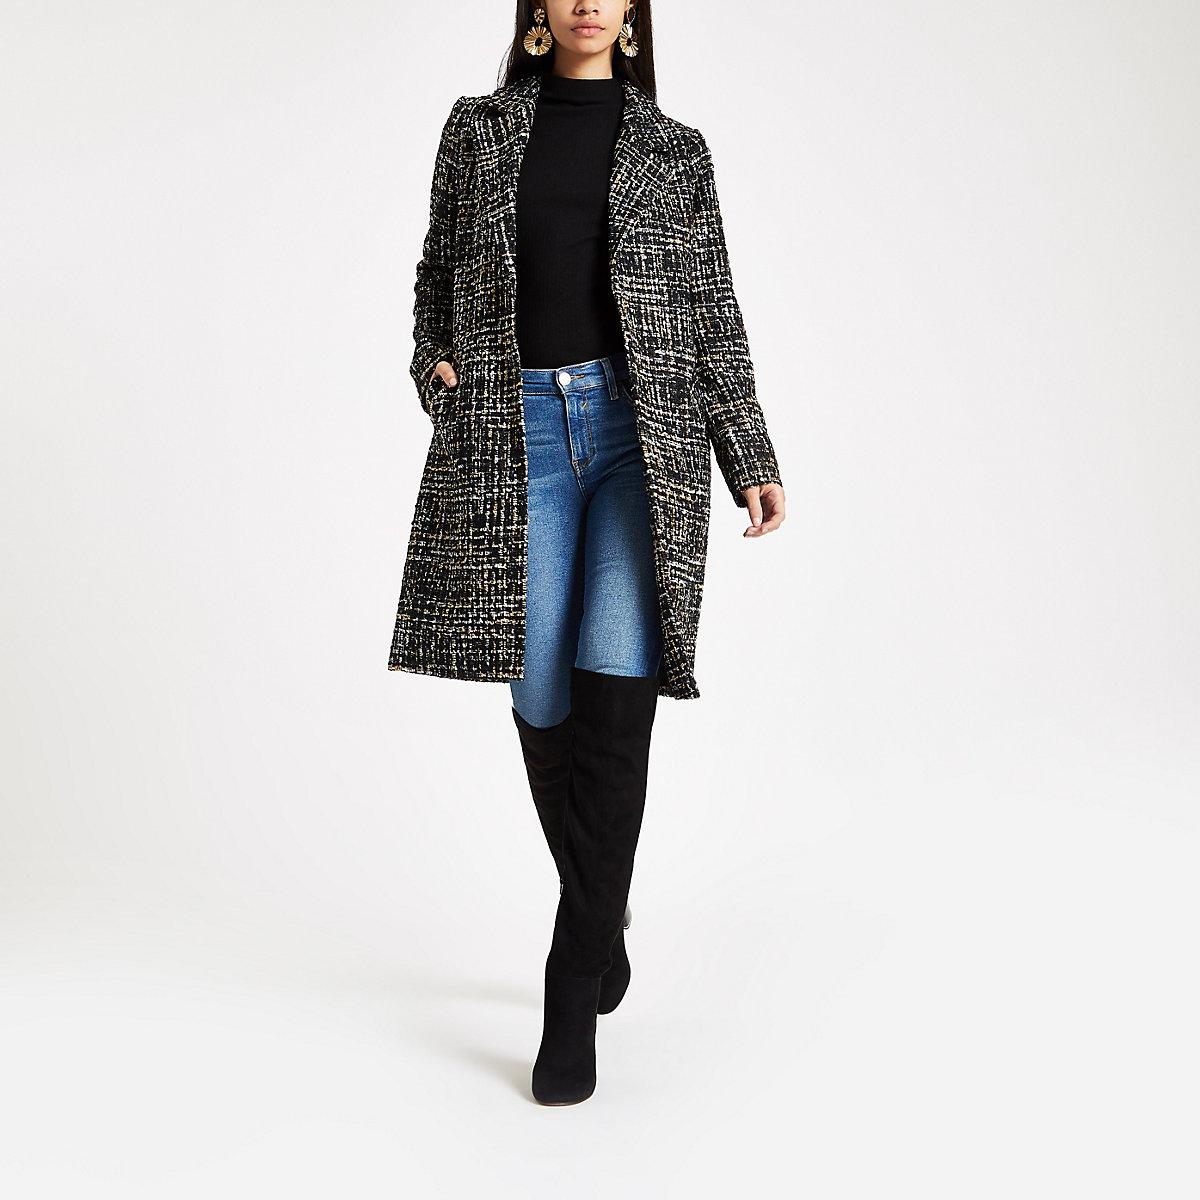 Schwarzer, einreihiger Mantel